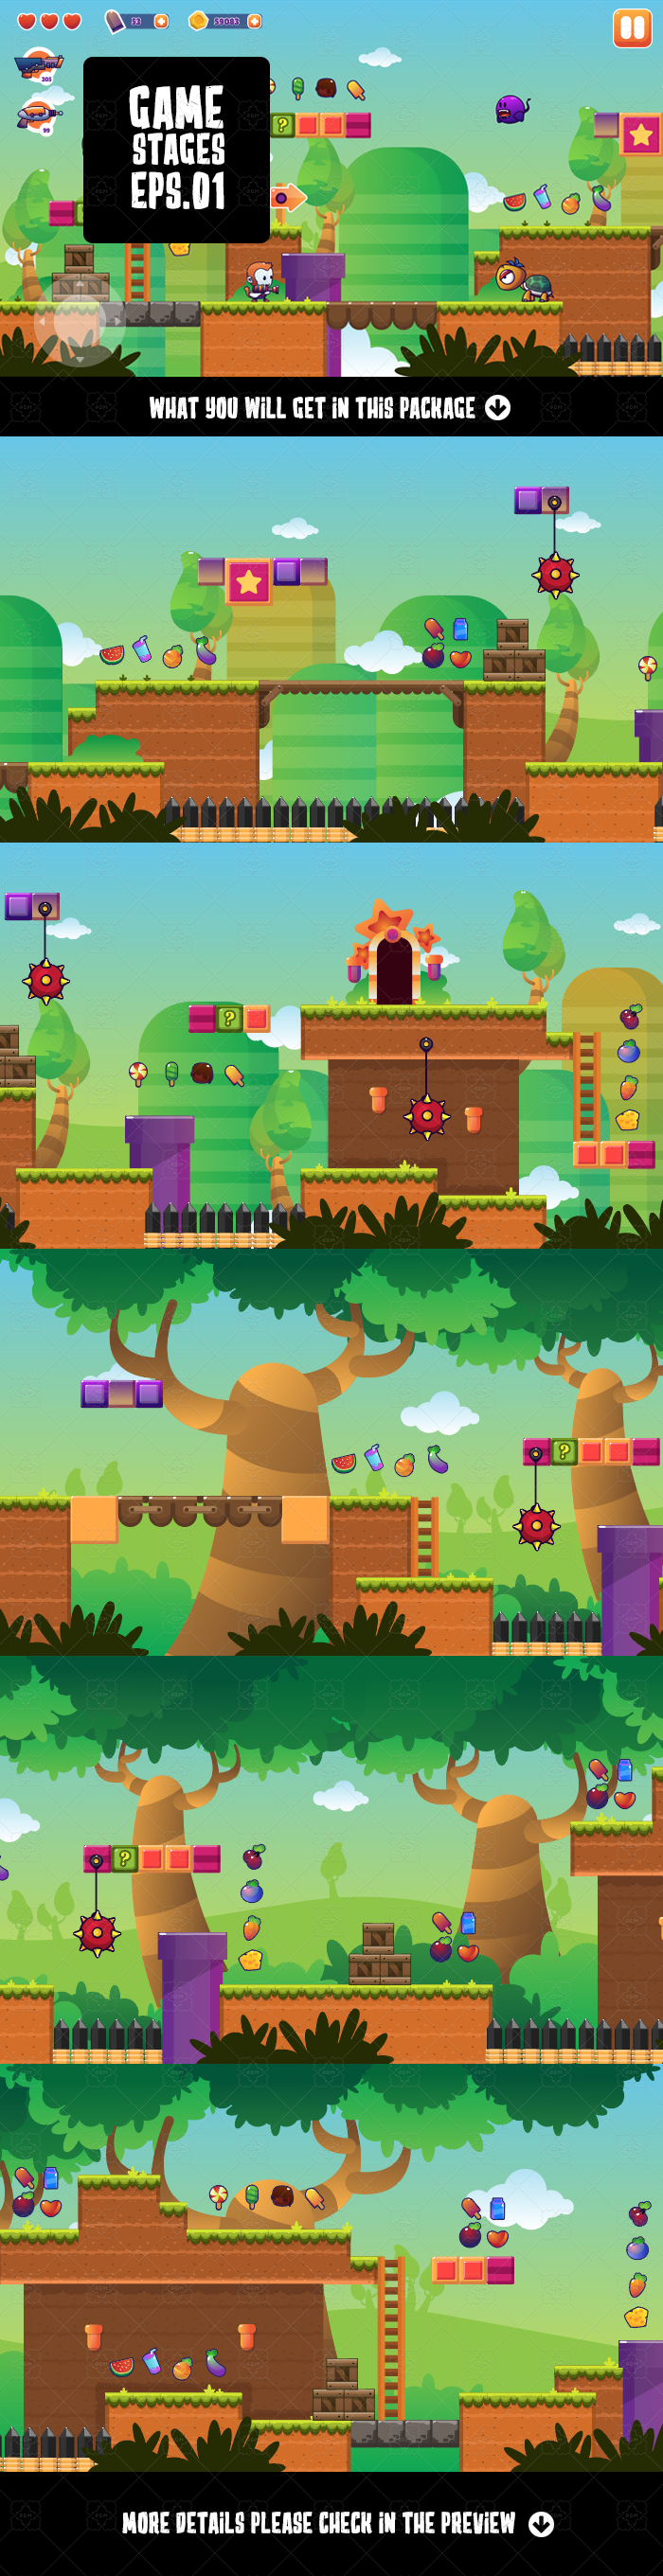 Platformer Game Stages 1